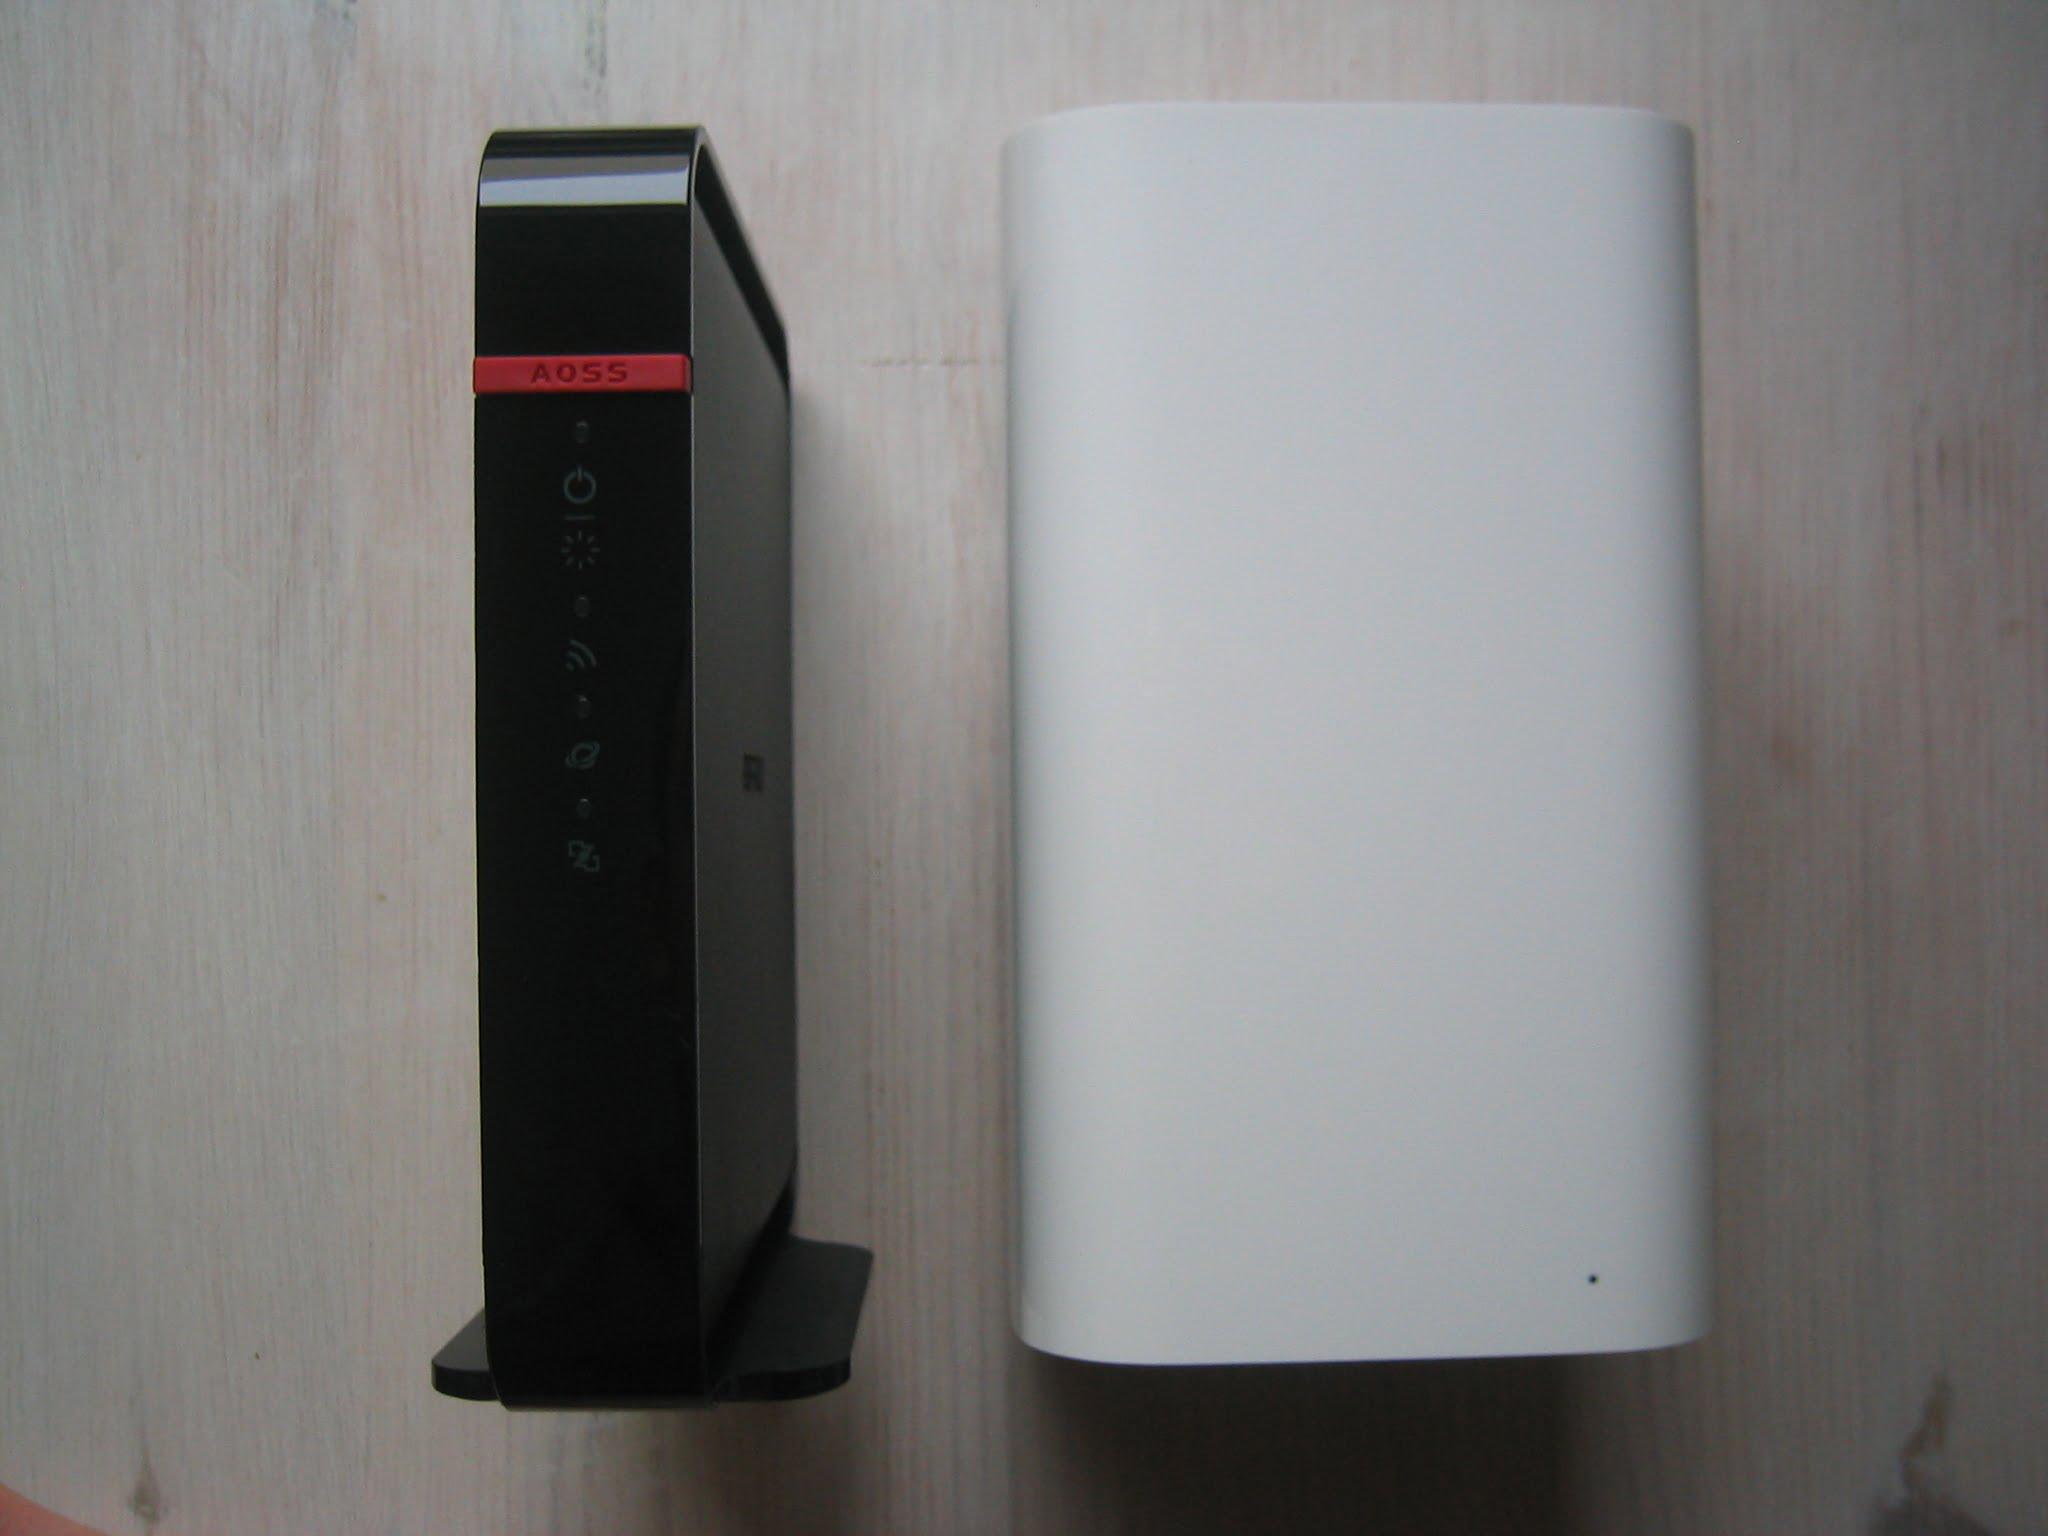 ac-WLAN: 2 gegen 3 Antennen. Reicht ein günstiger Router?